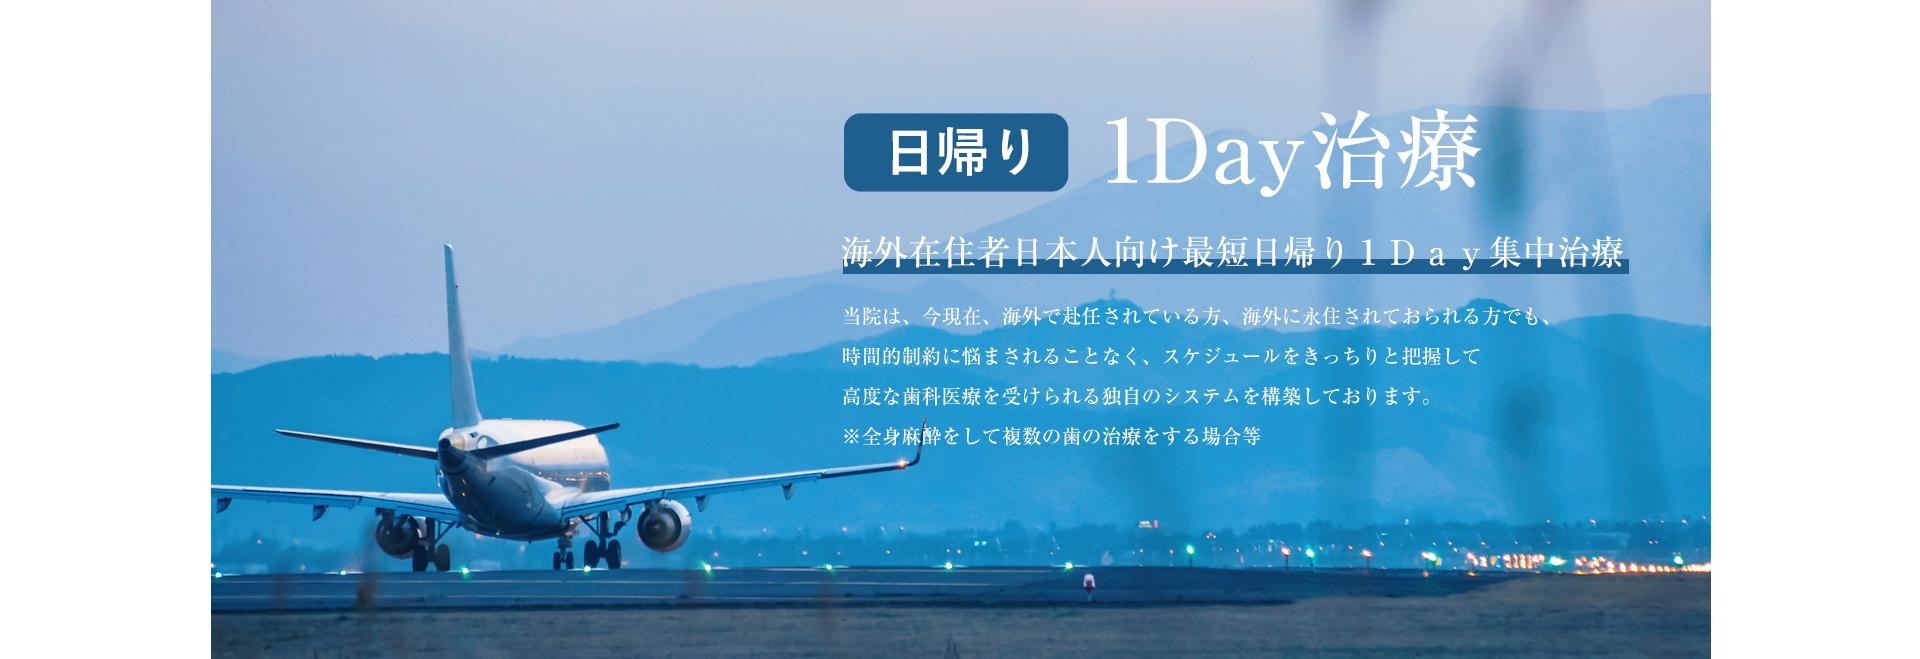 日帰り1Day治療 海外在住者日本人向け最短日帰り1Day集中治療